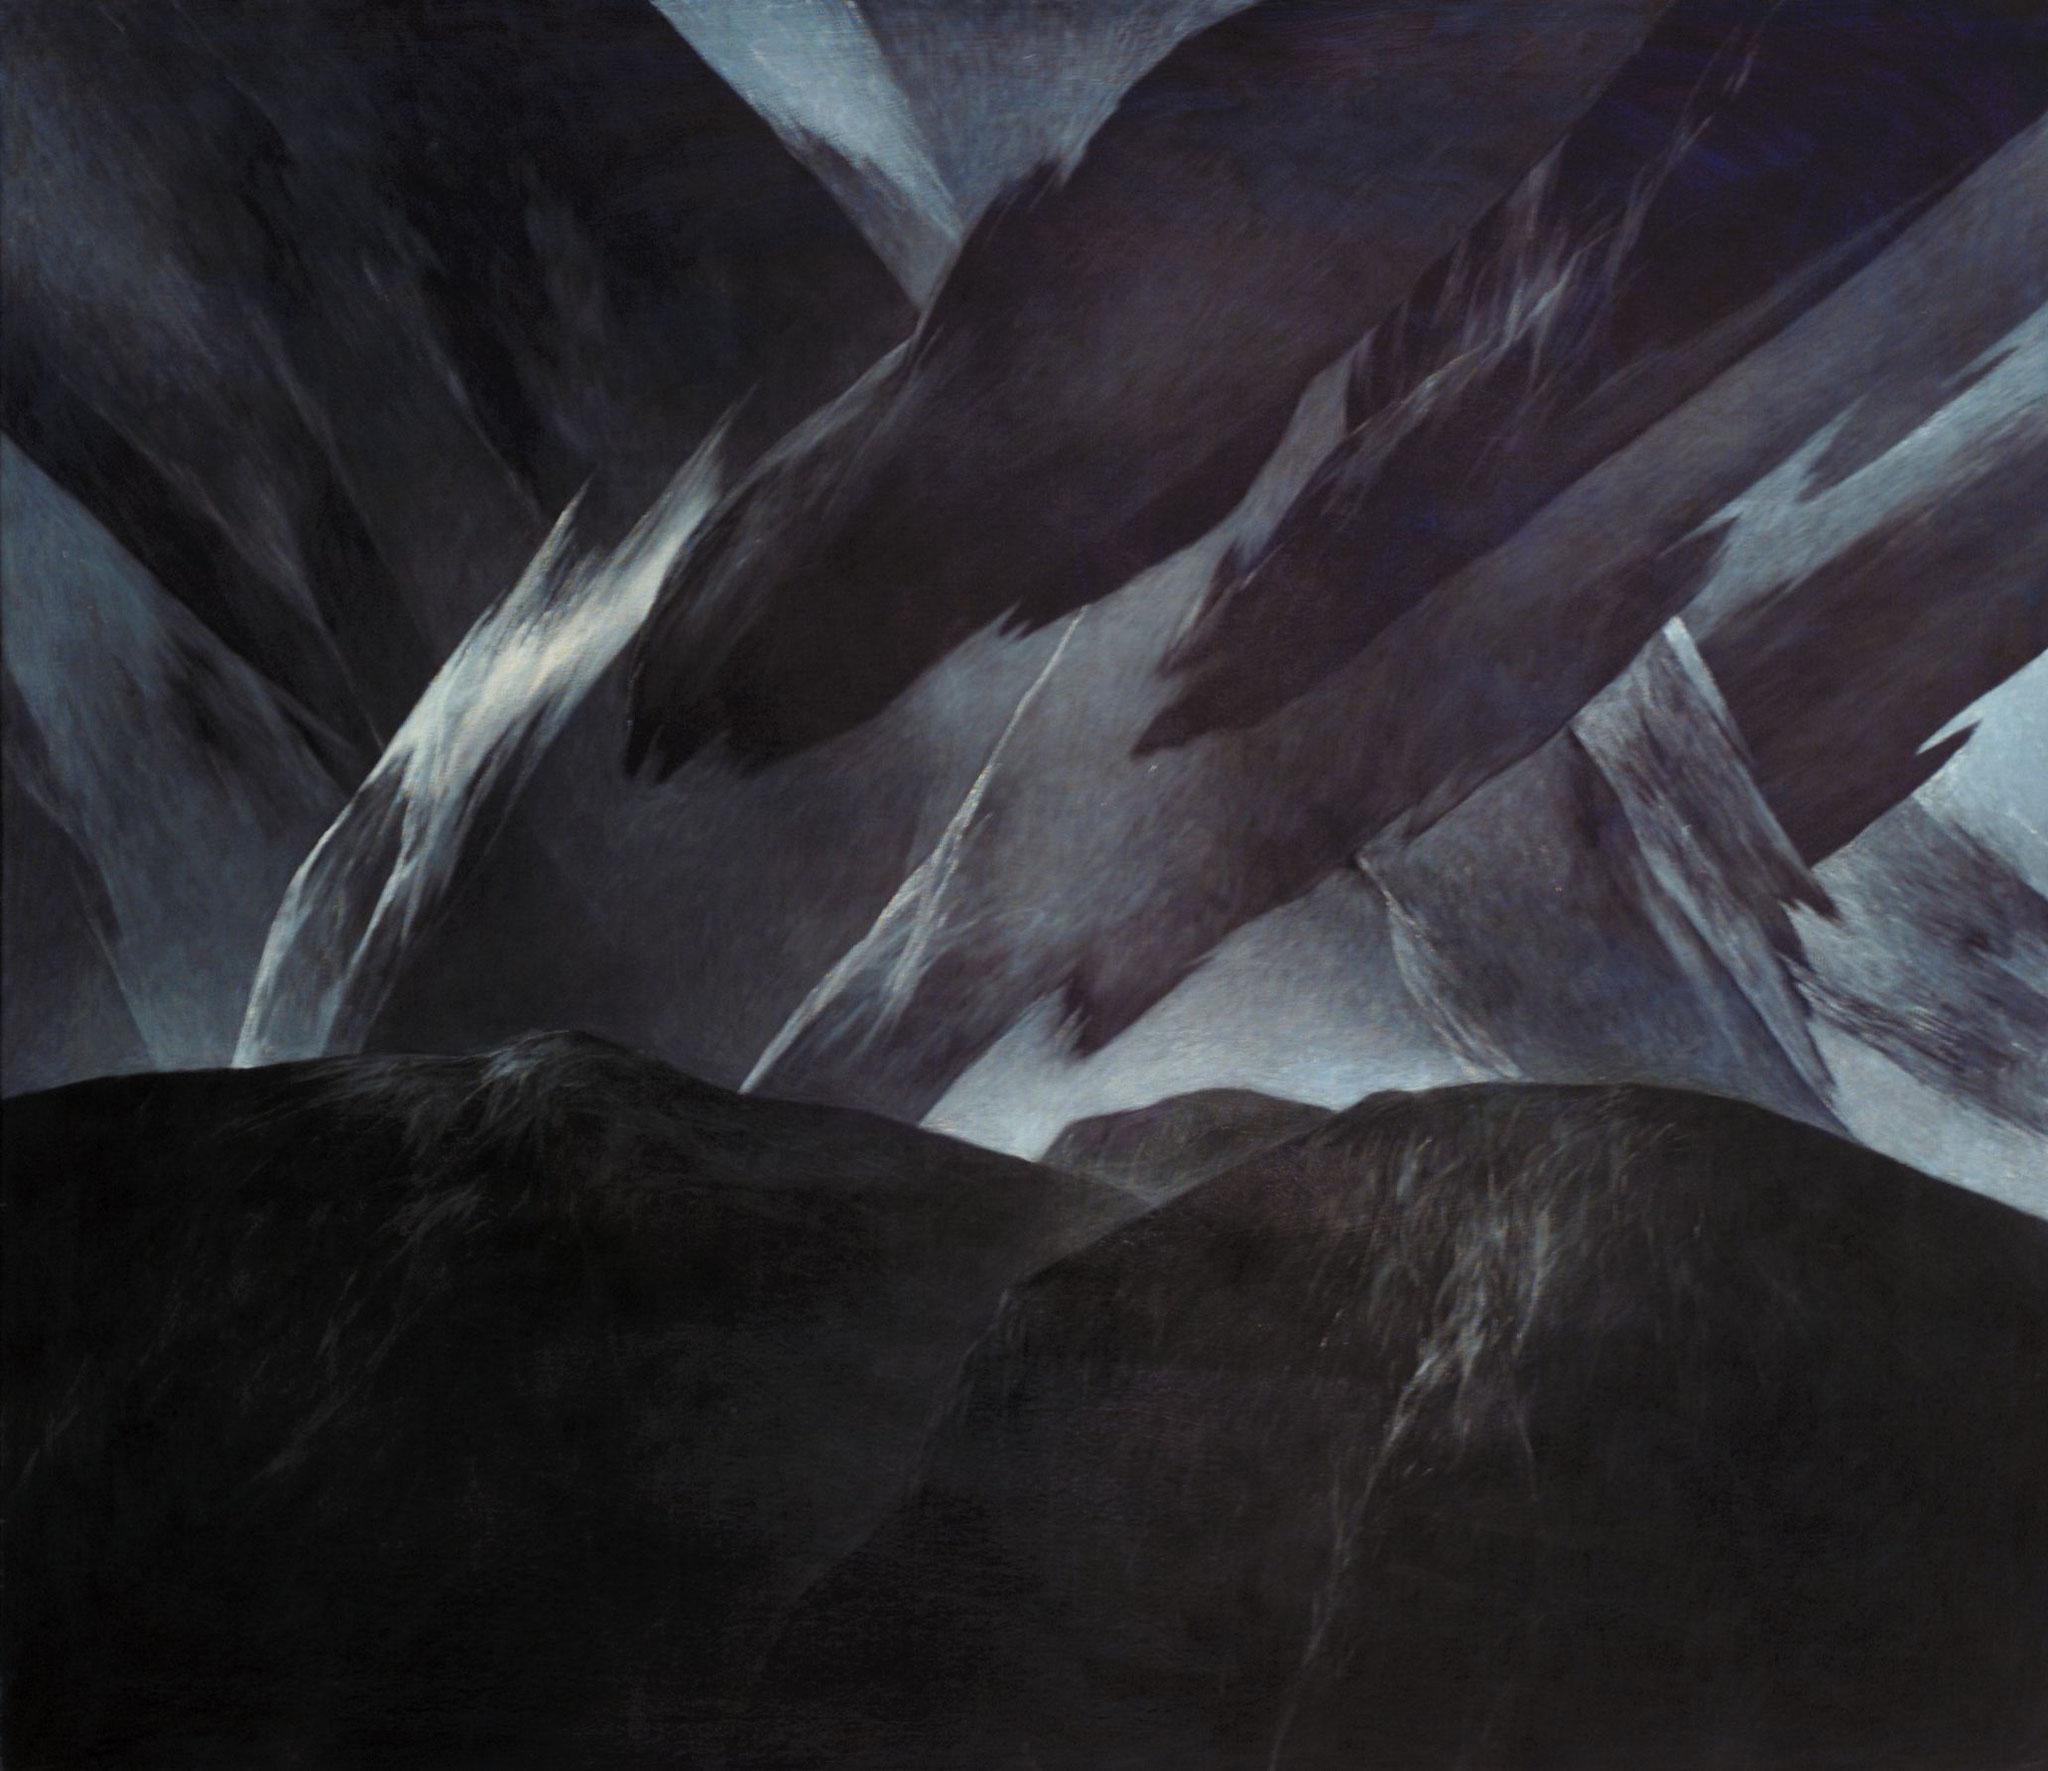 Josef Taucher, Nacht 1, 2001, Öl/Molino, 135 x 150 cm © Josef Taucher